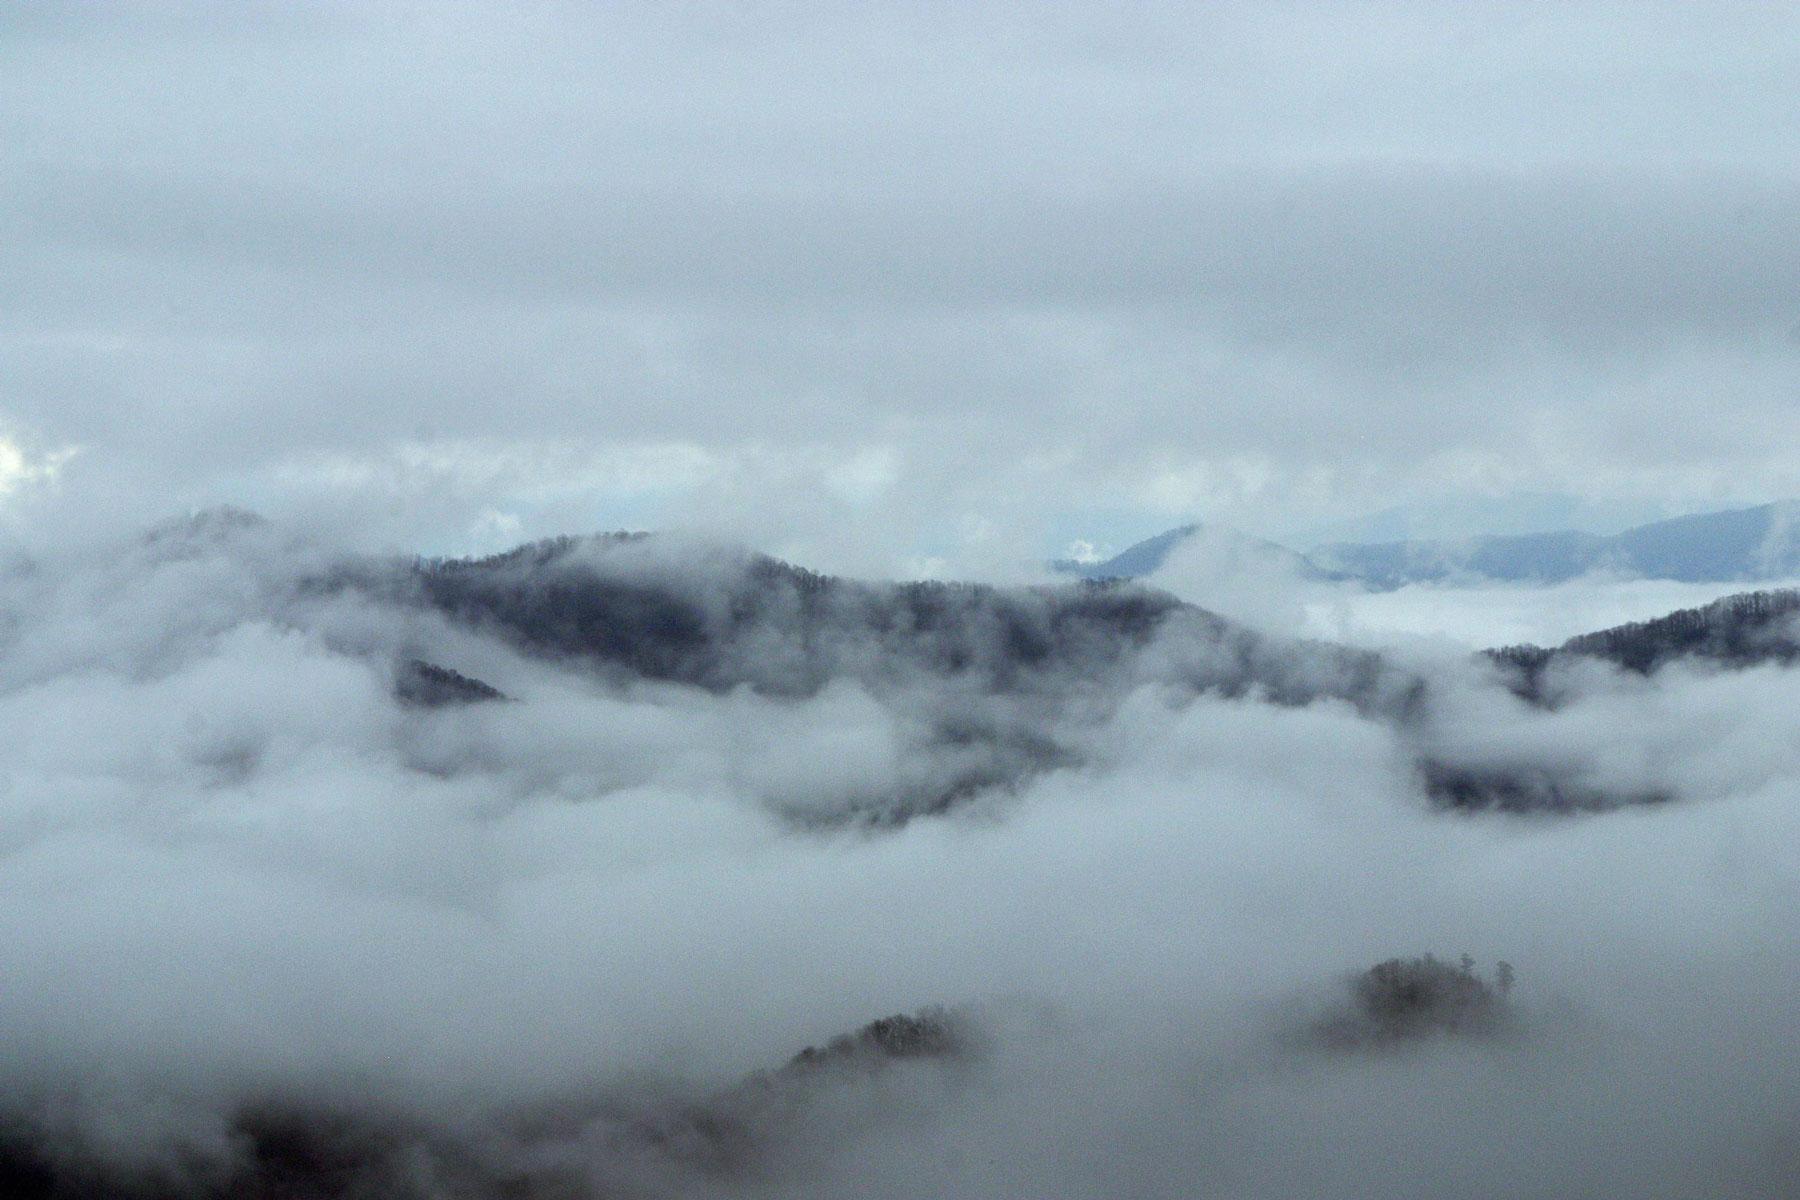 White mountains rising through fog